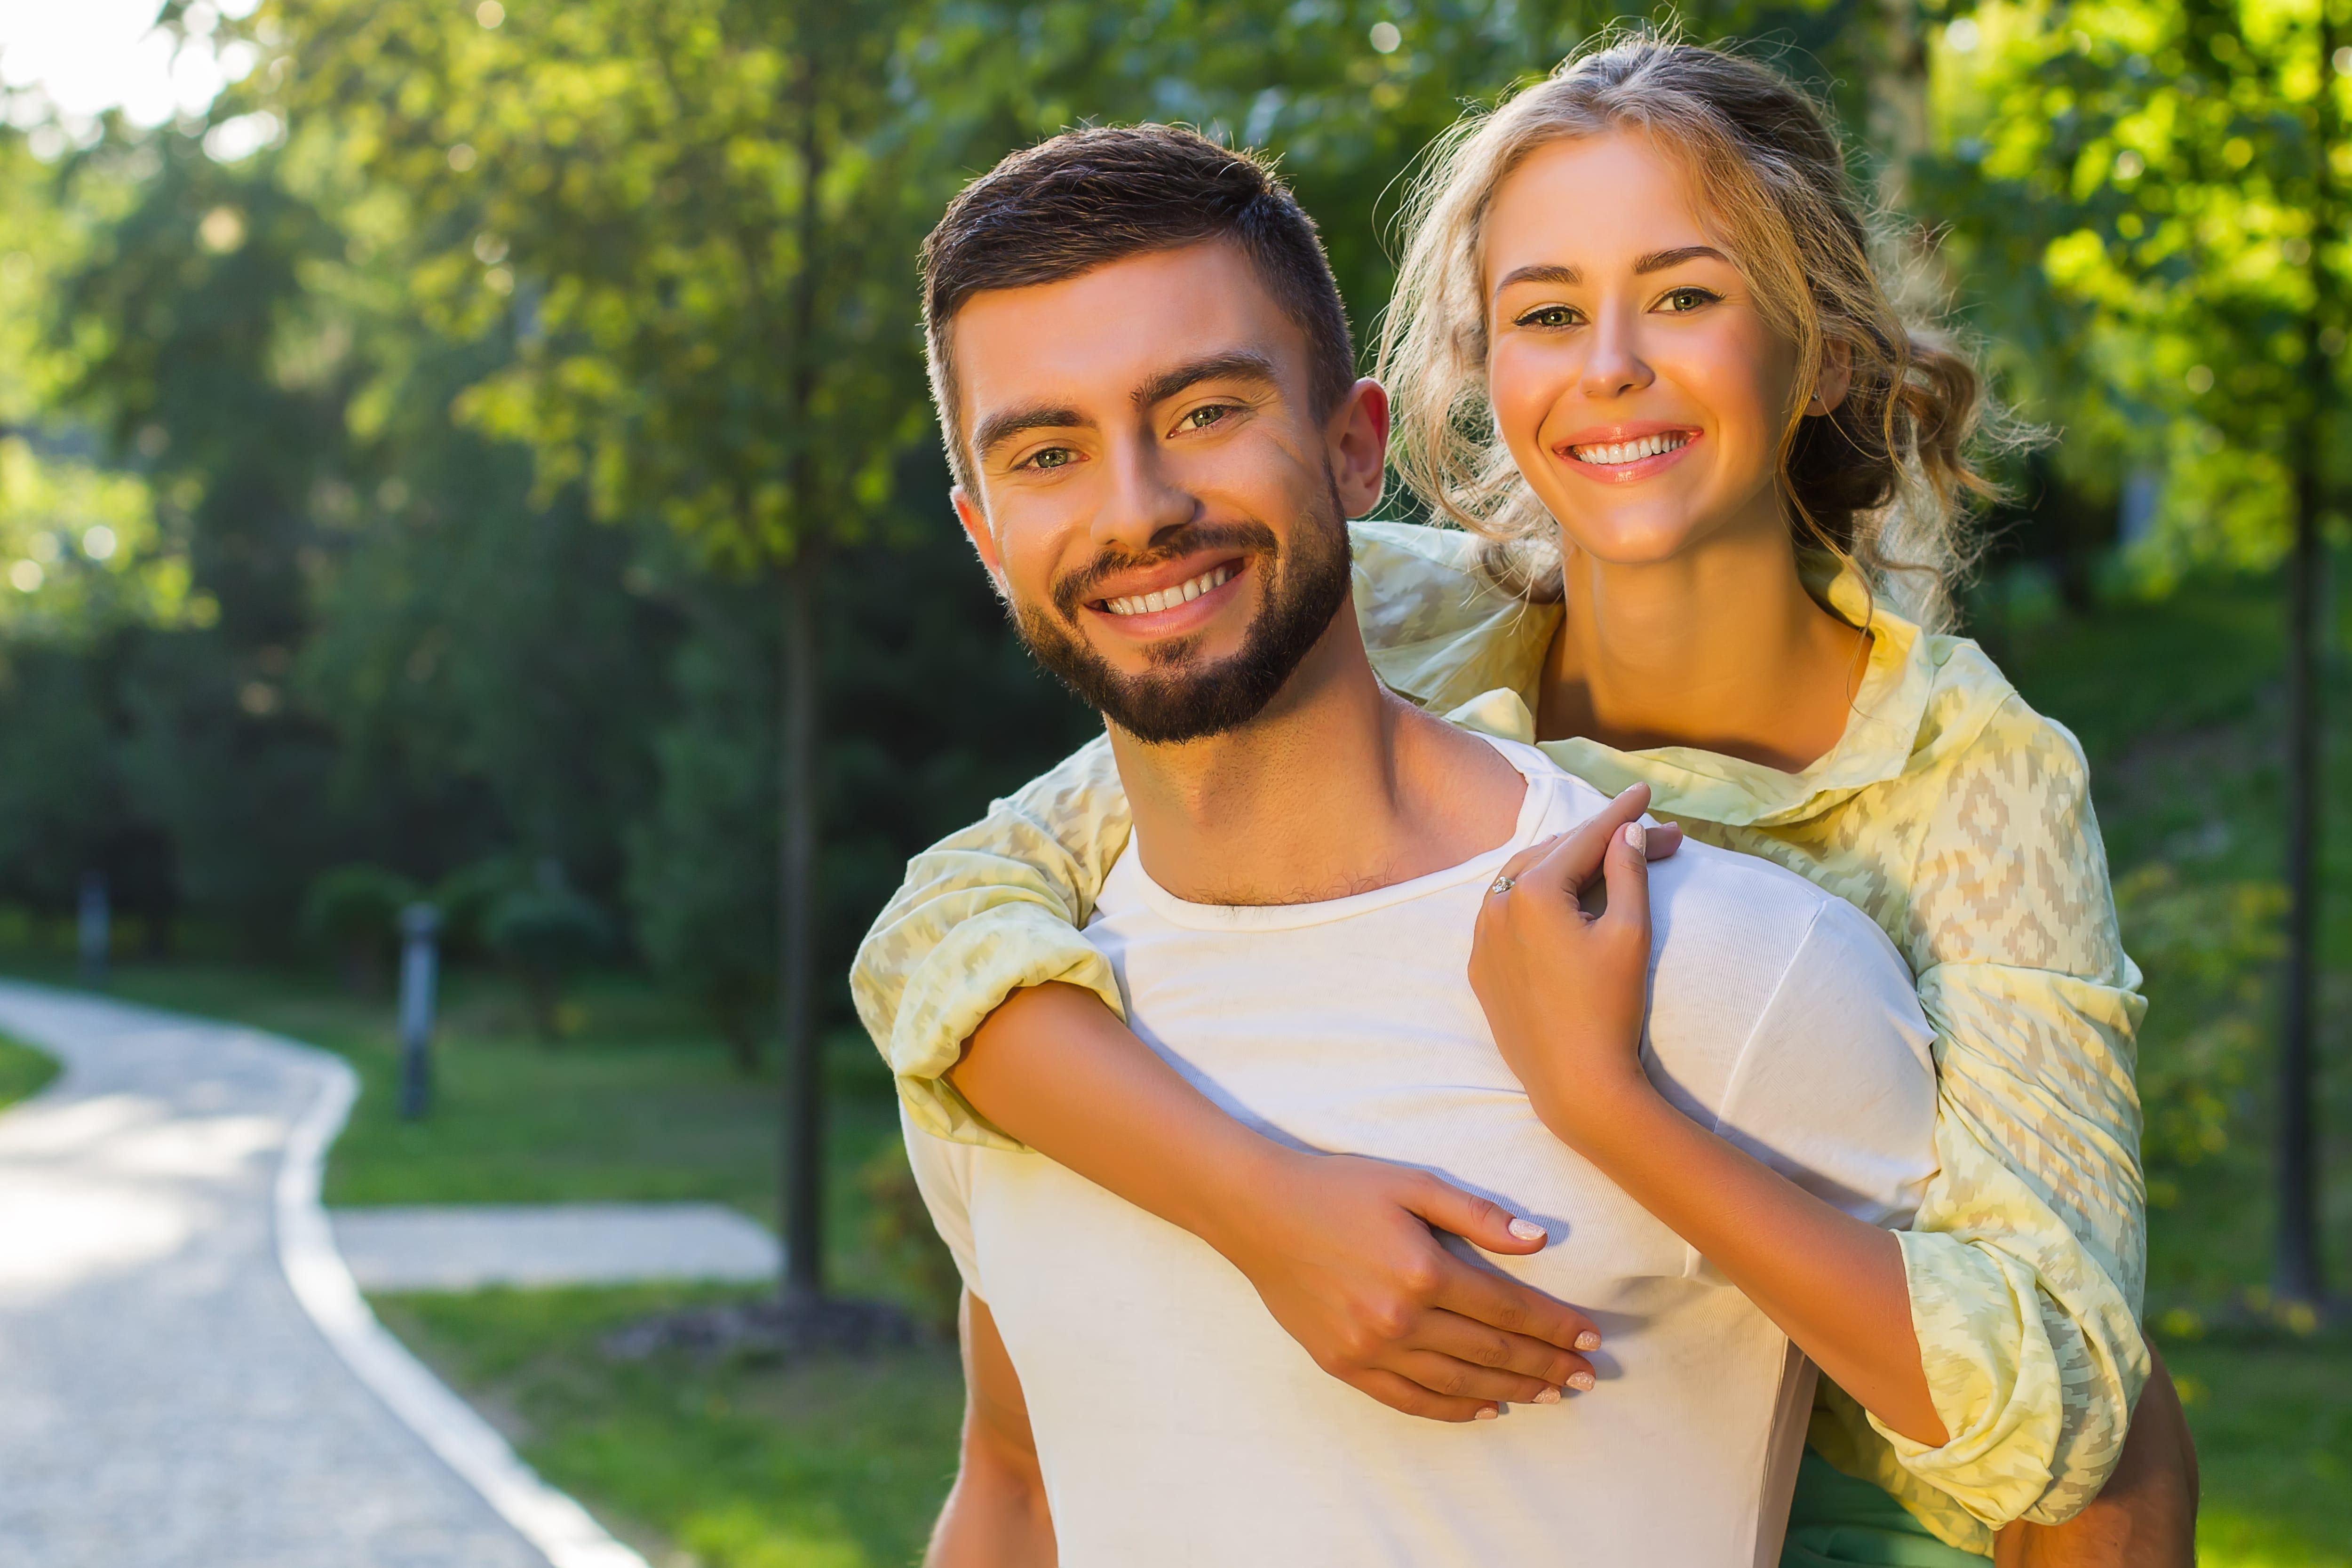 novo casal a sorrir